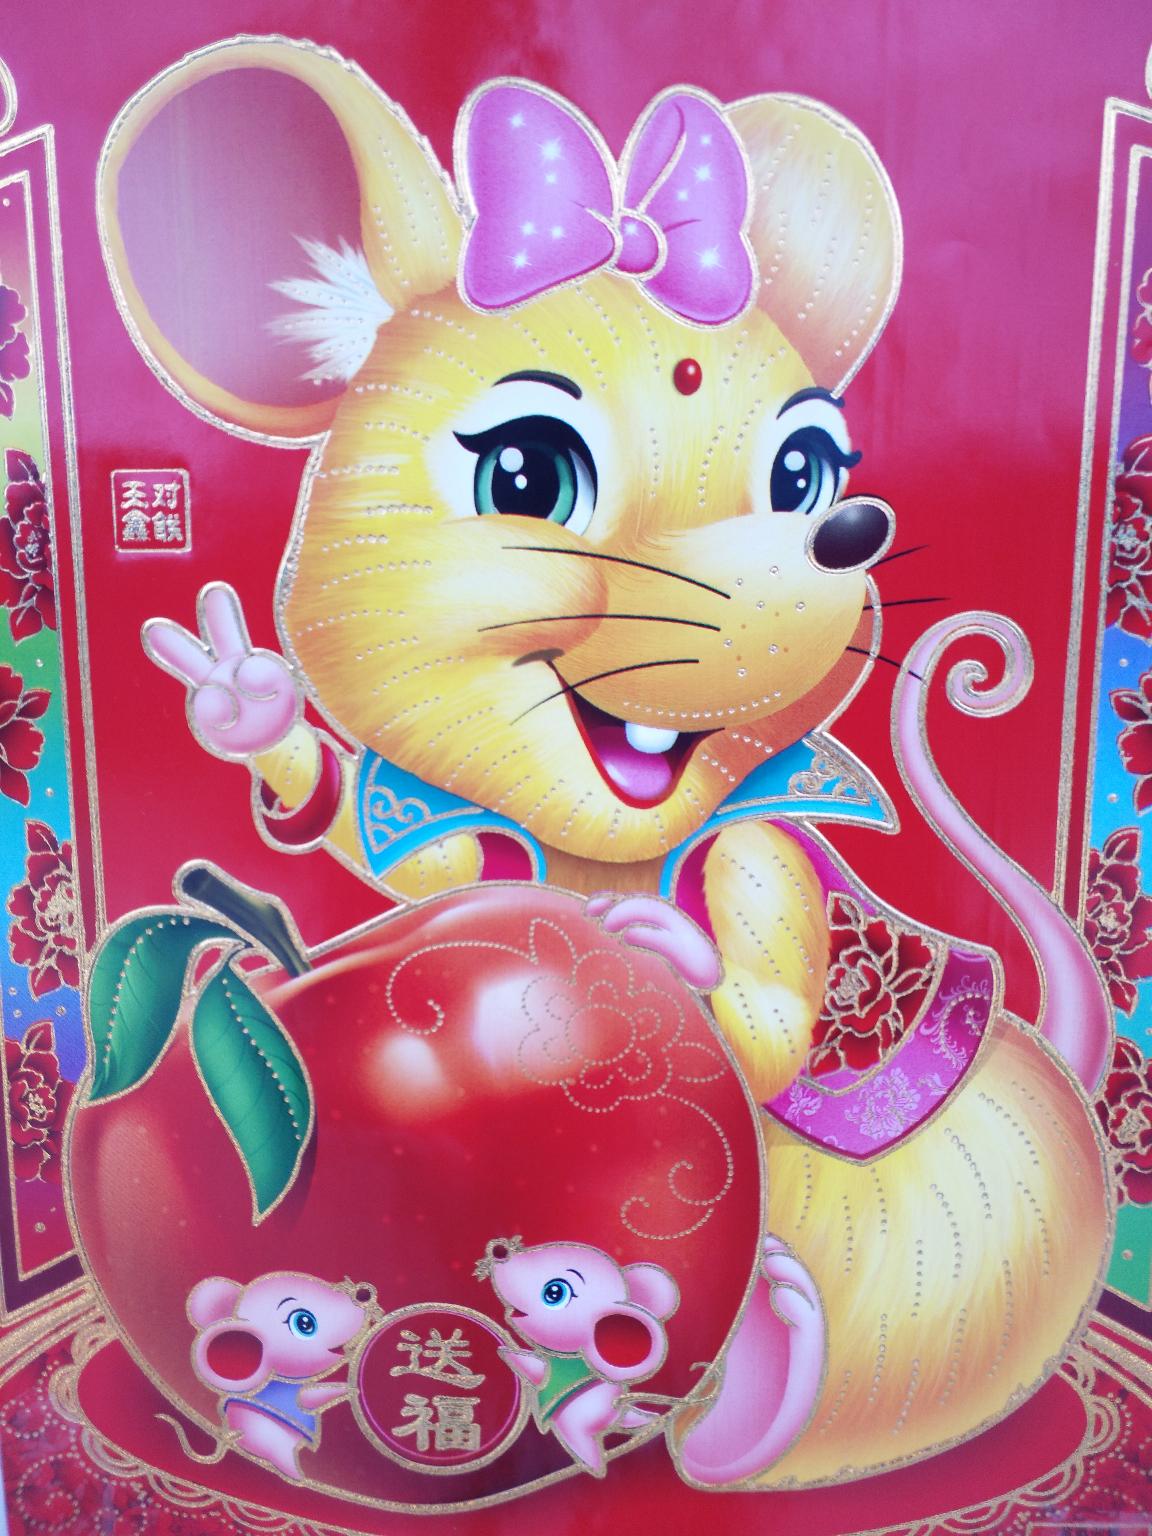 【金鼠打卡第7天】不平凡的新年